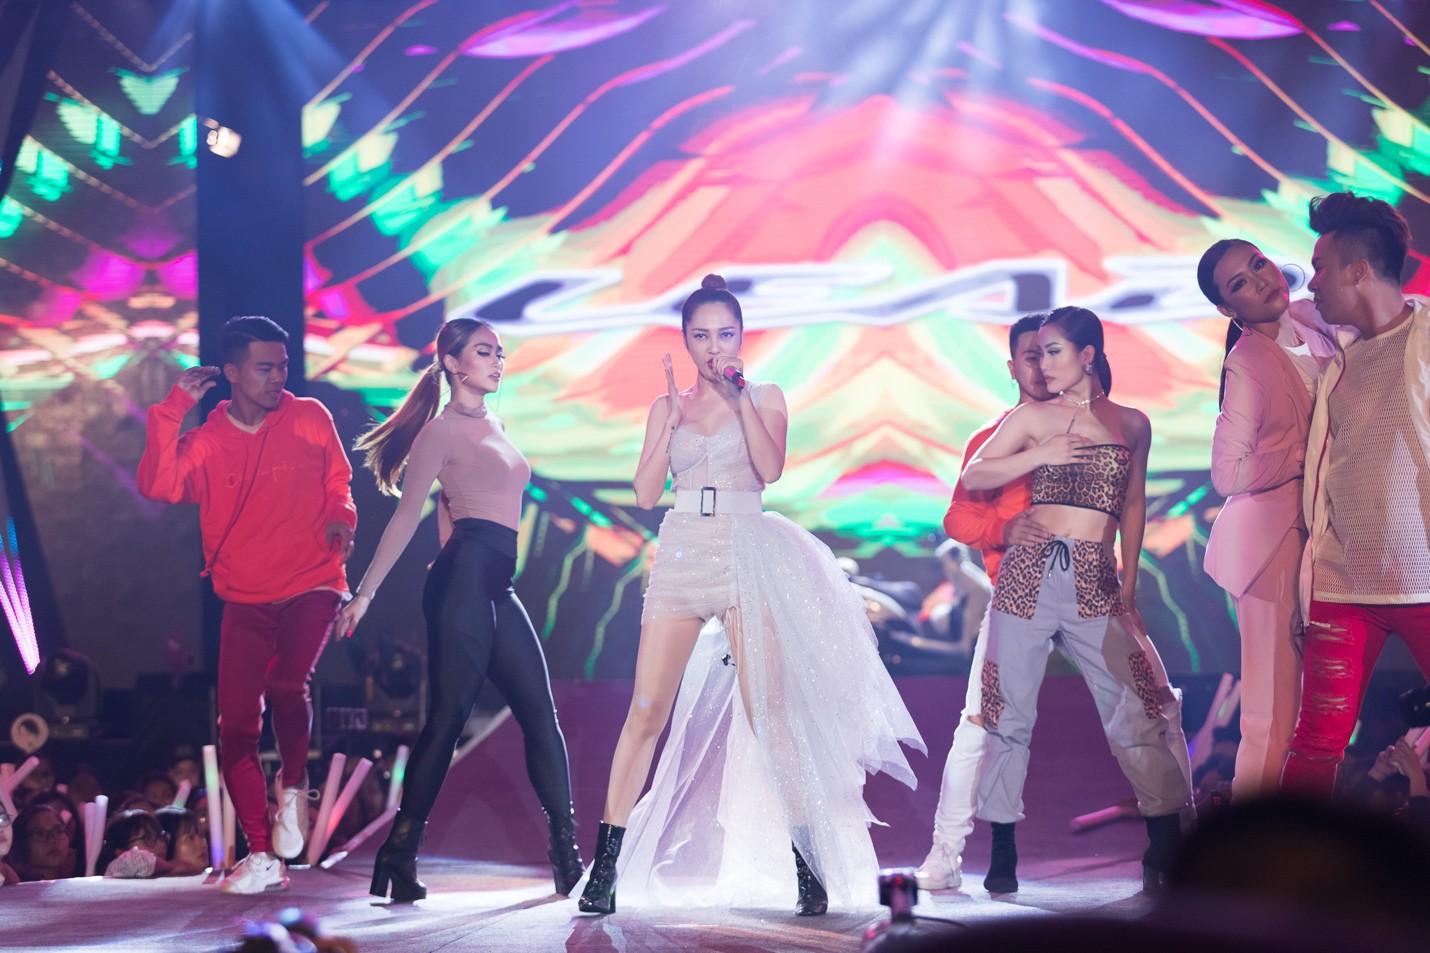 """Mỹ Tâm, Noo Phước Thịnh, Bích Phương và dàn sao """"khủng"""" cháy hết mình cùng hơn 36.000 khán giả tại đêm nhạc công nghệ - Ảnh 7."""